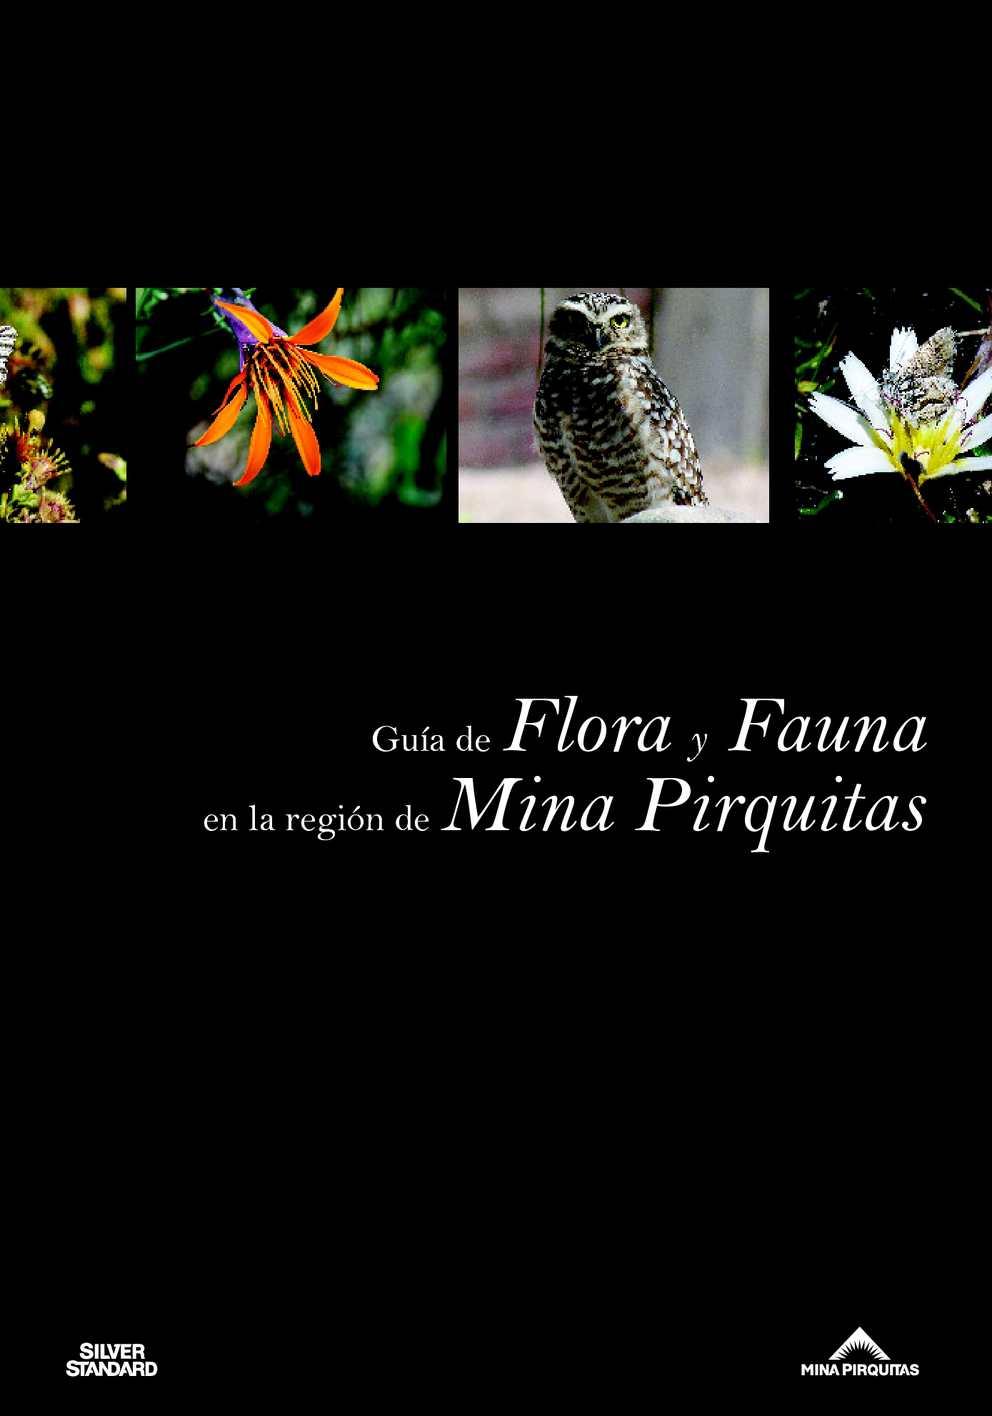 Guía de Flora y Fauna en la Región de Mina Pirquitas